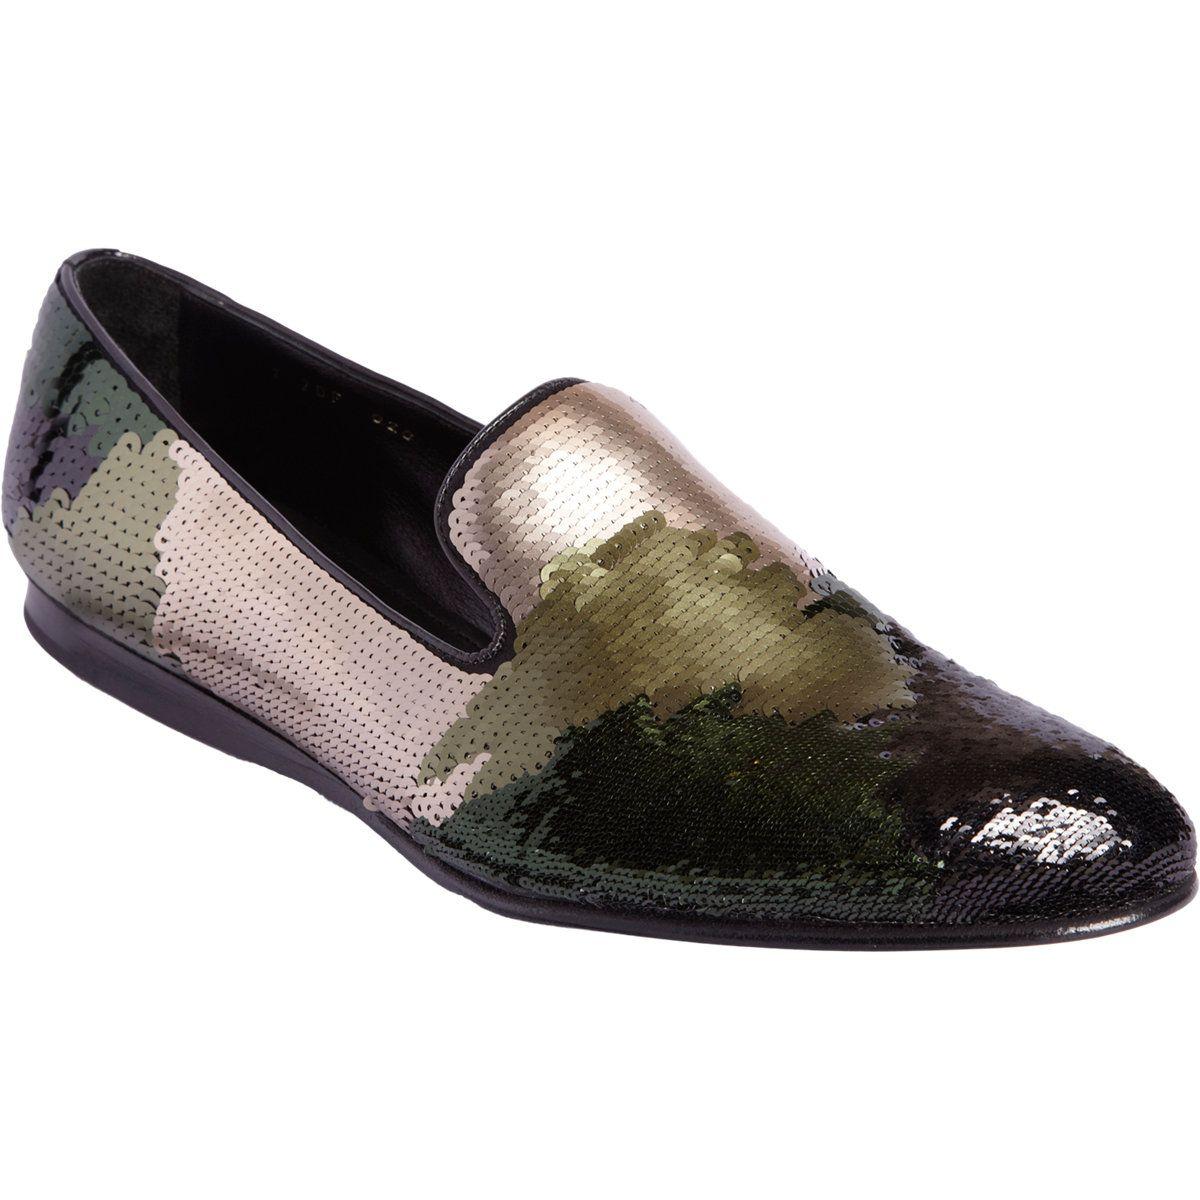 Prada Slip-Ons | Men's Prada Loafers, Boat Shoes, Espadrilles